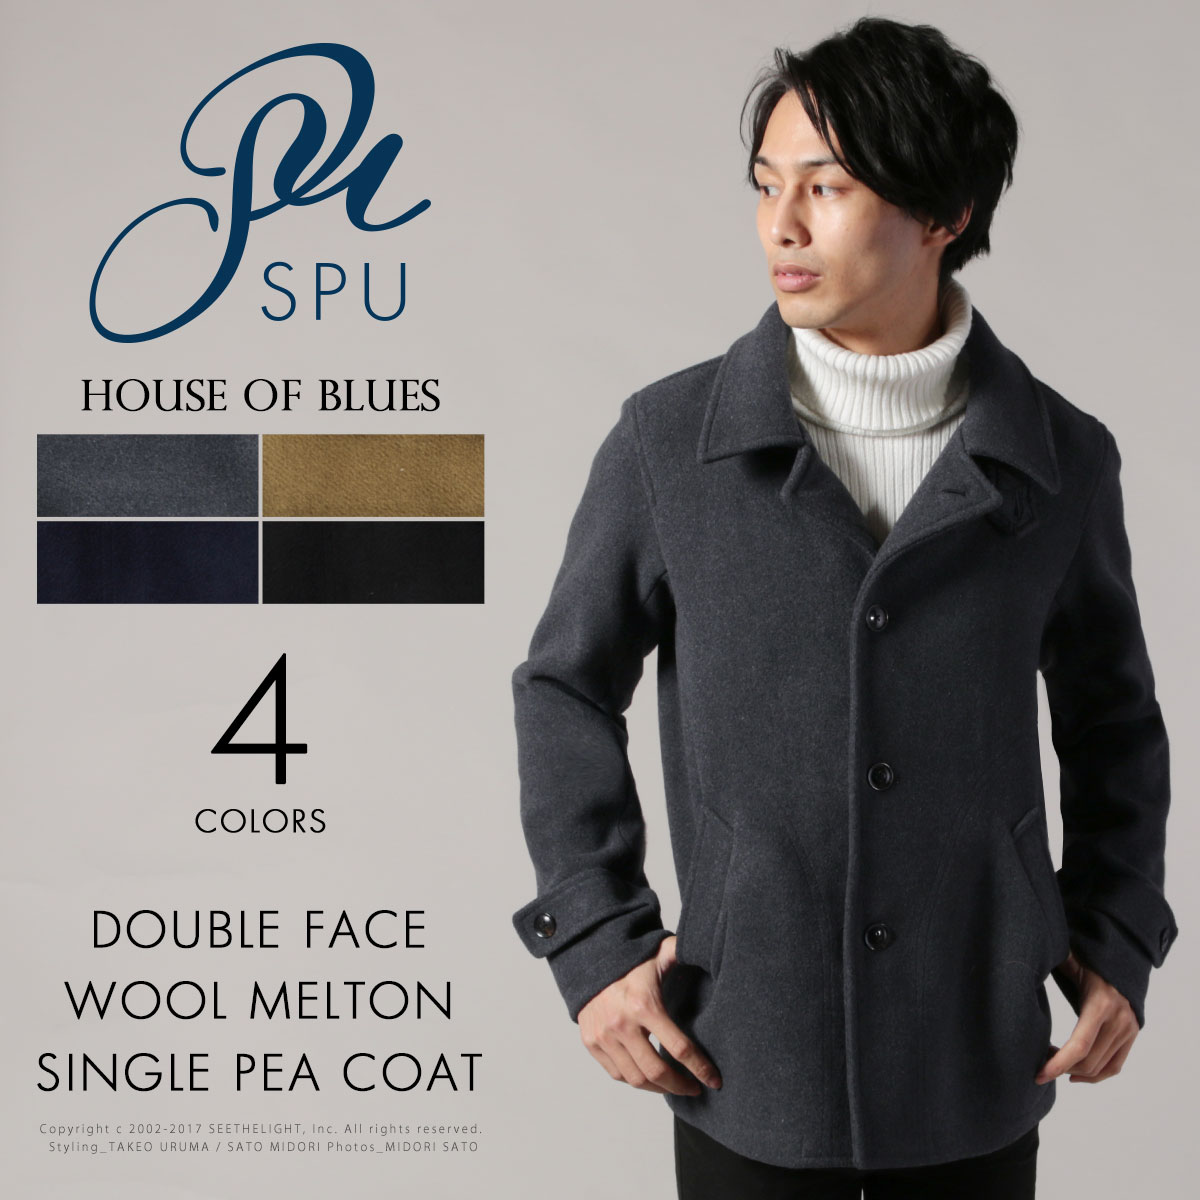 【セール対象】メンズ アウター 秋 冬 ダブル フェイス ウール メルトン シングル Pコート ピーコート コート HOUSE OF BLUES ハウスオブブルース